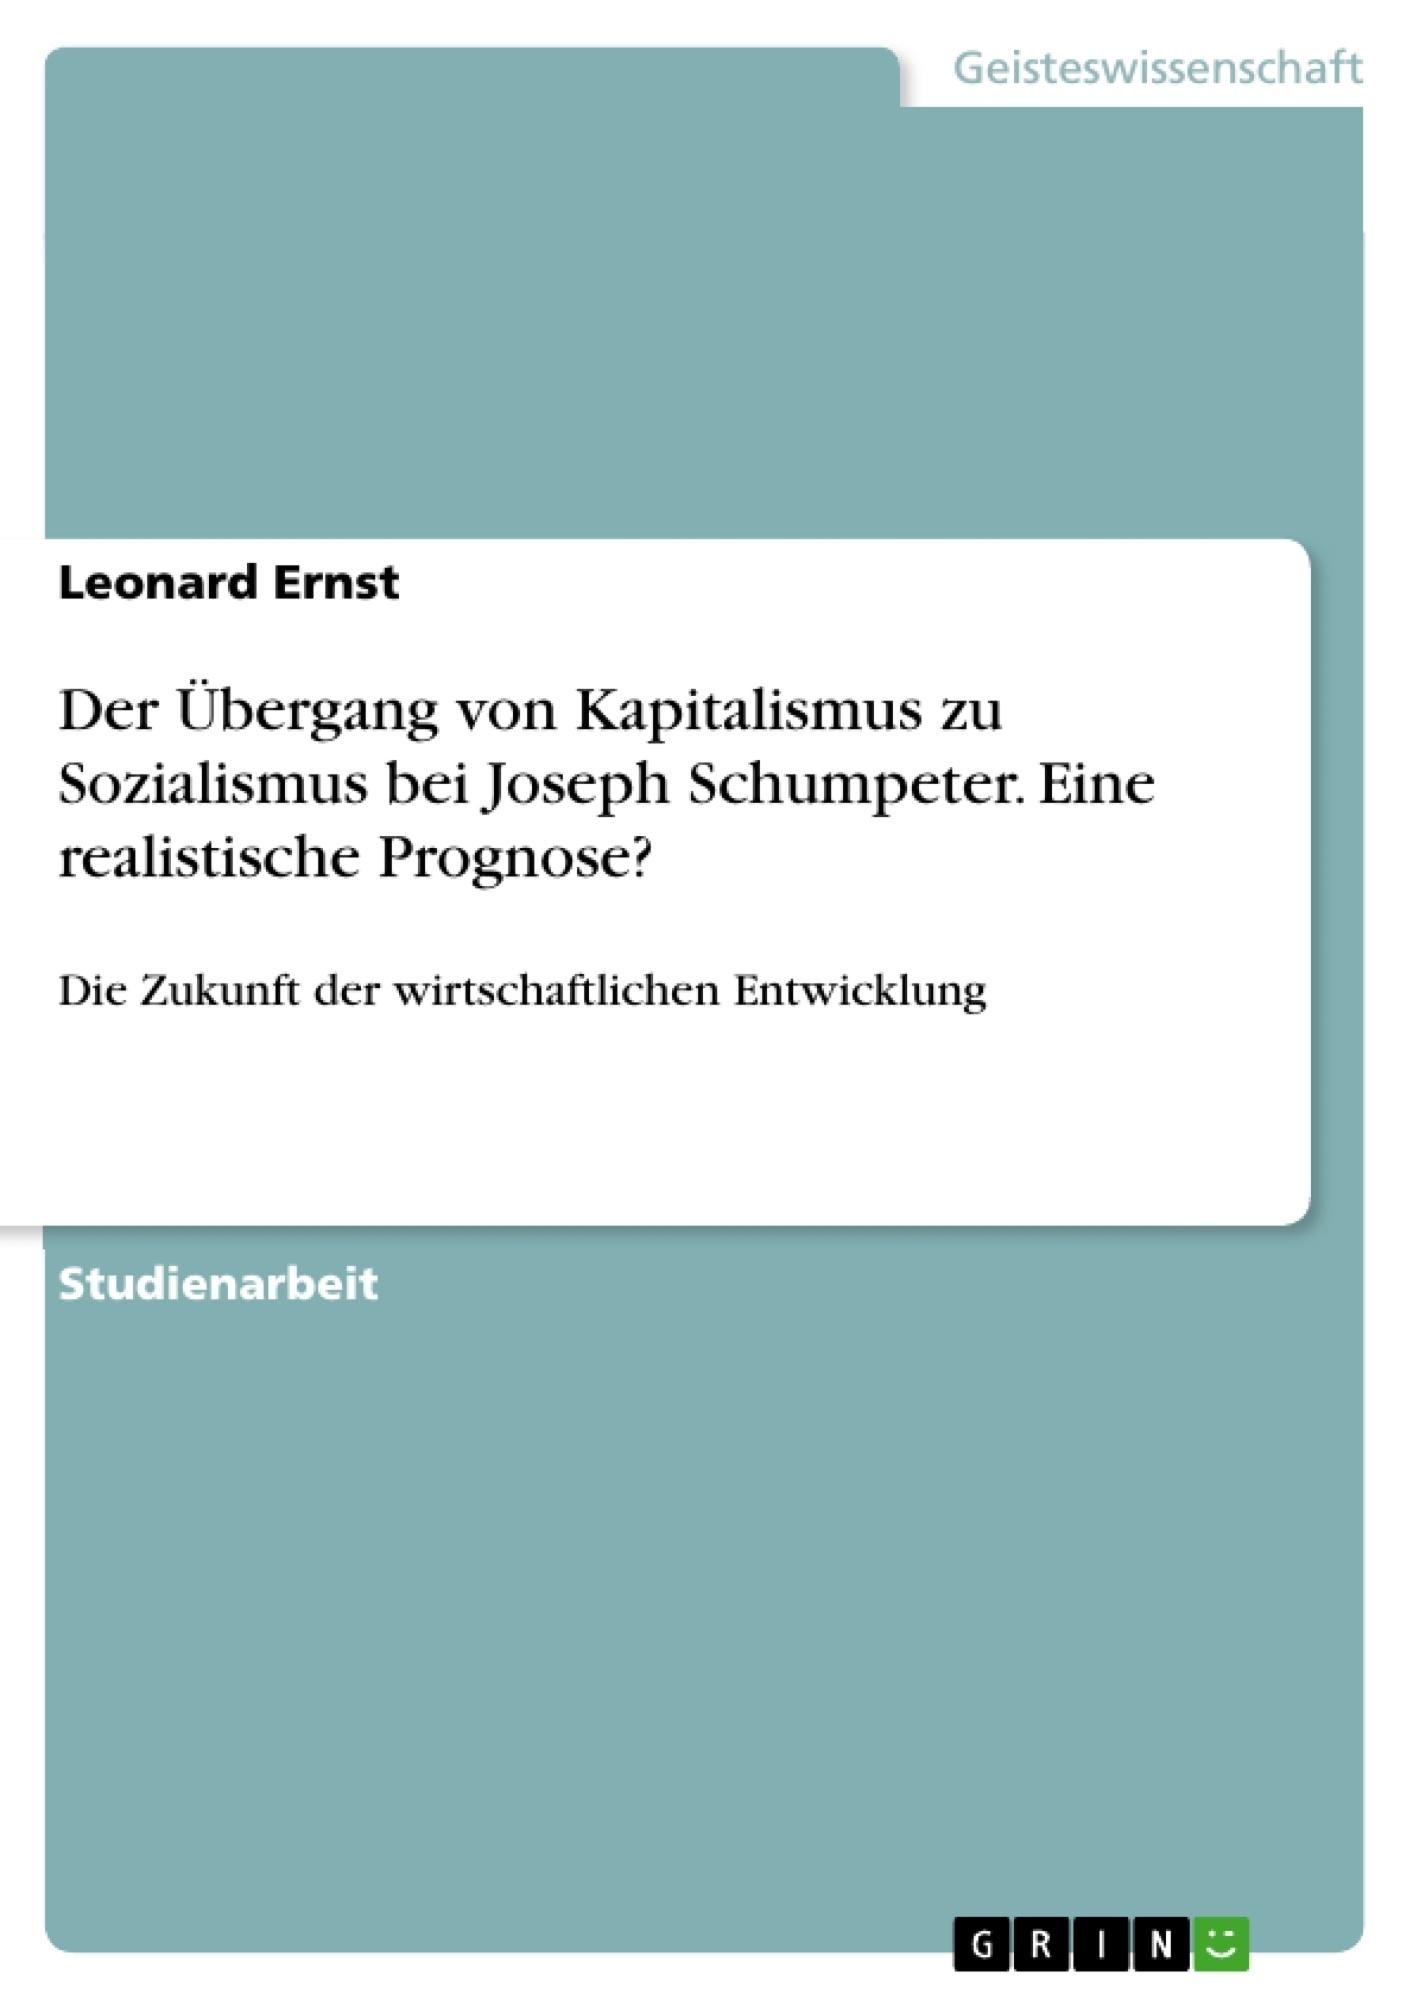 Titel: Der Übergang von Kapitalismus zu Sozialismus bei Joseph Schumpeter. Eine realistische Prognose?